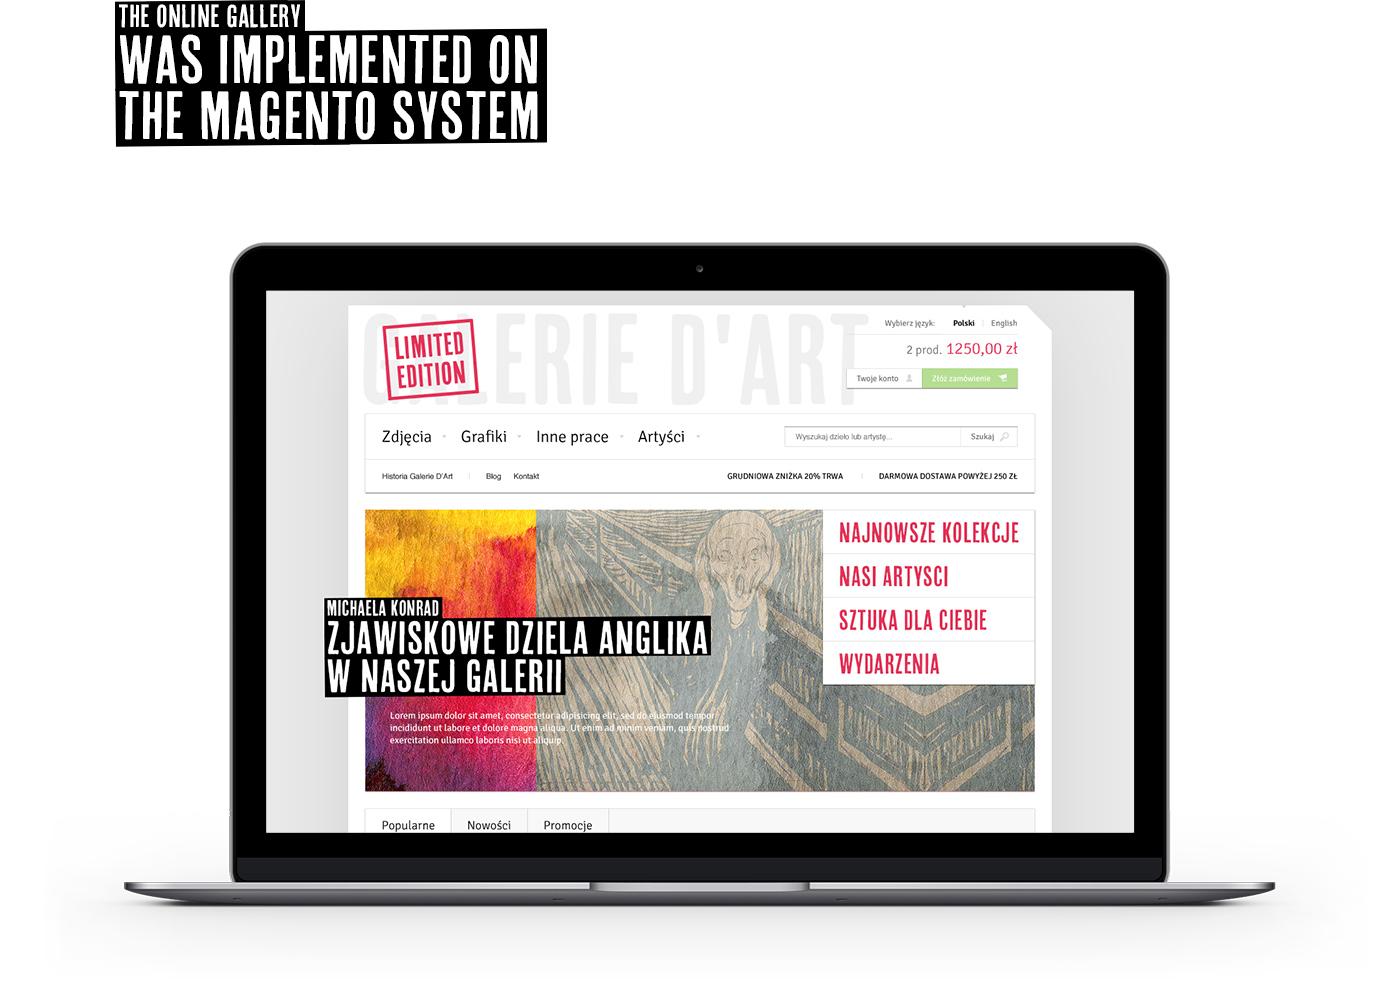 Prezentacja strony głównej strony internetowej galerii sztuki Limited Edition